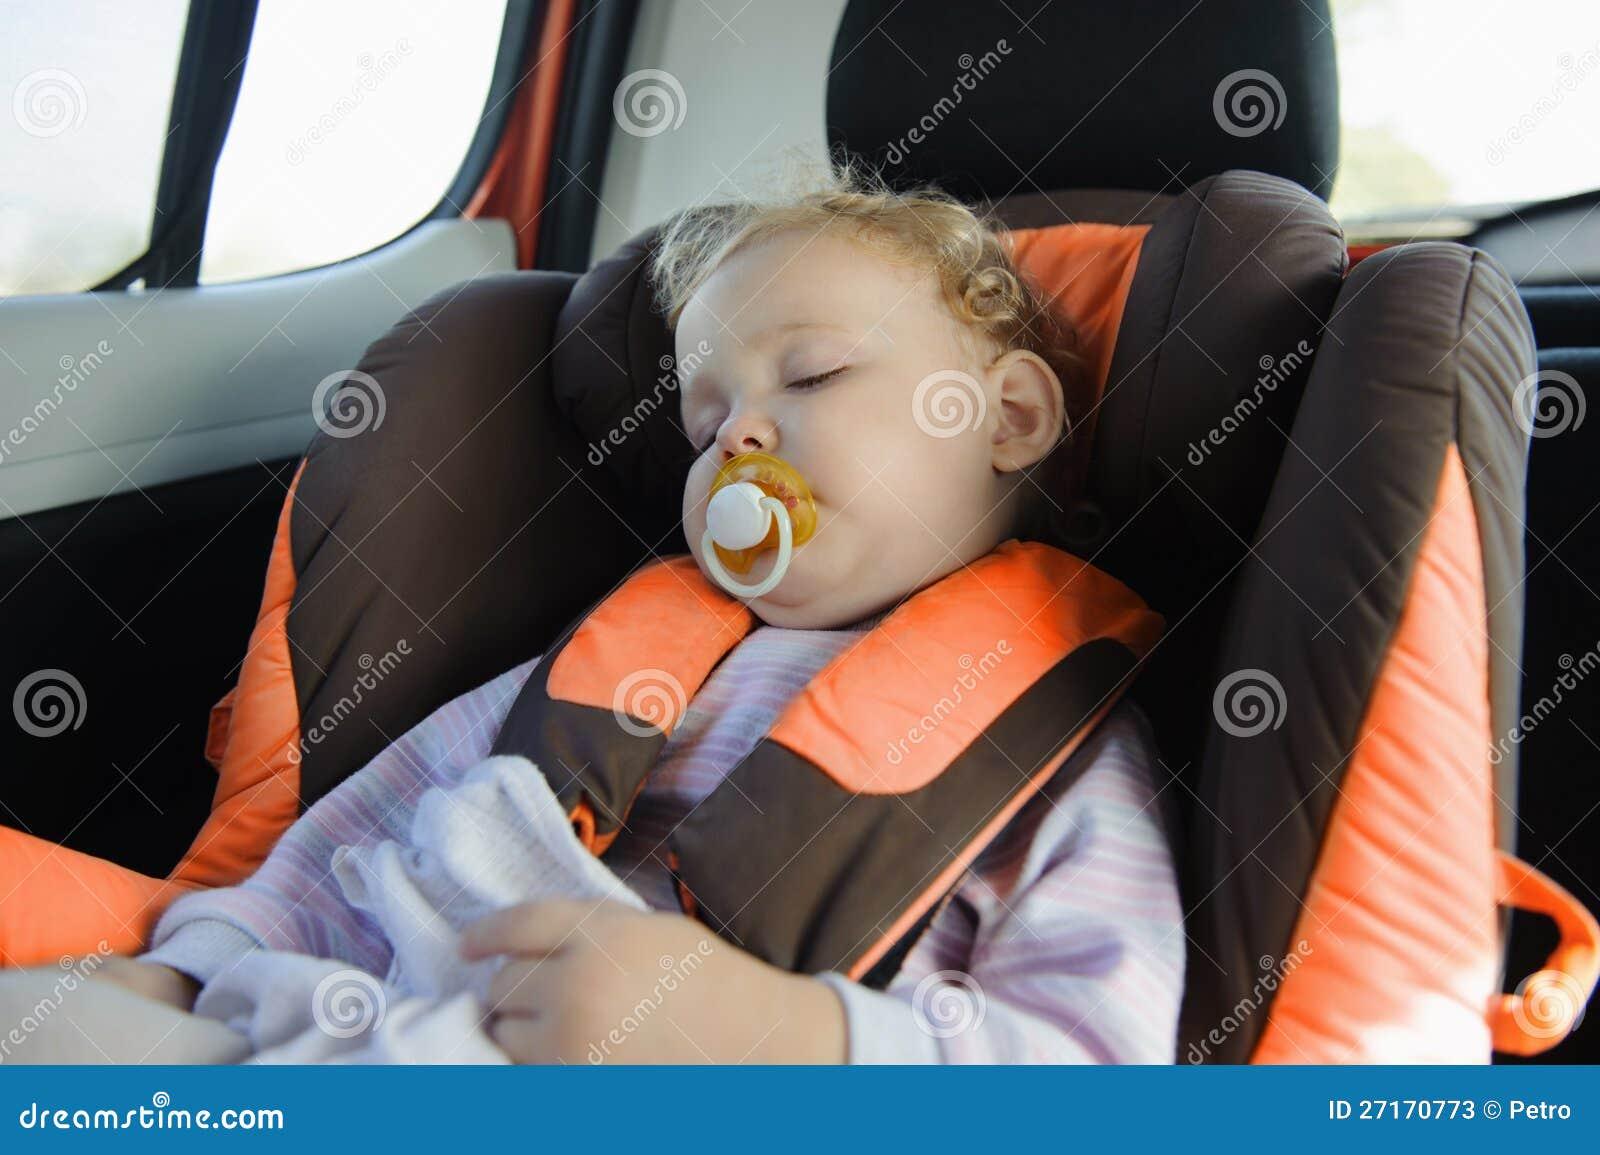 Toddler Girl Sleeping In Baby Car Seat